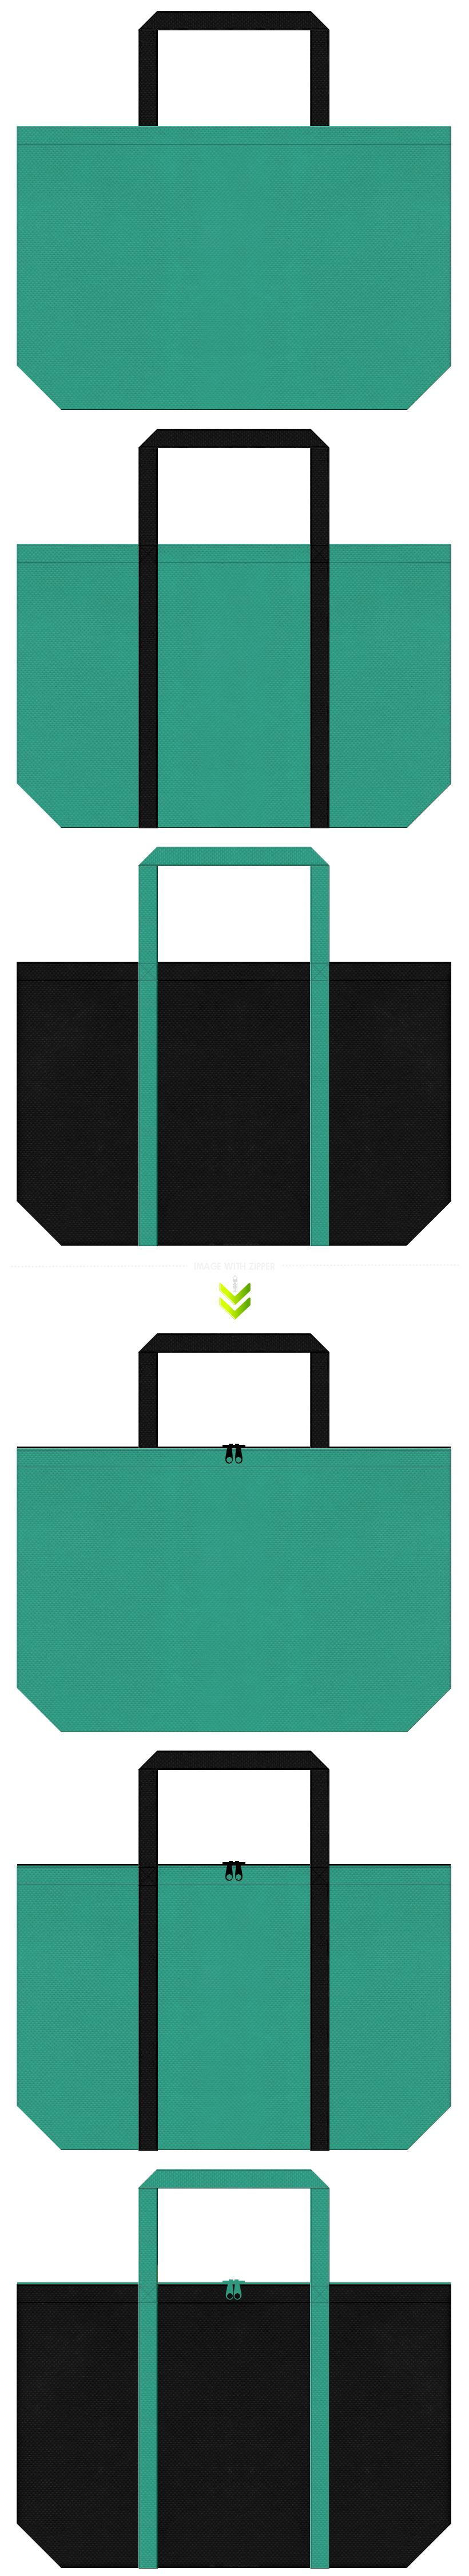 青緑色と黒色の不織布エコバッグデザイン。ランドリーバッグにお奨めです。